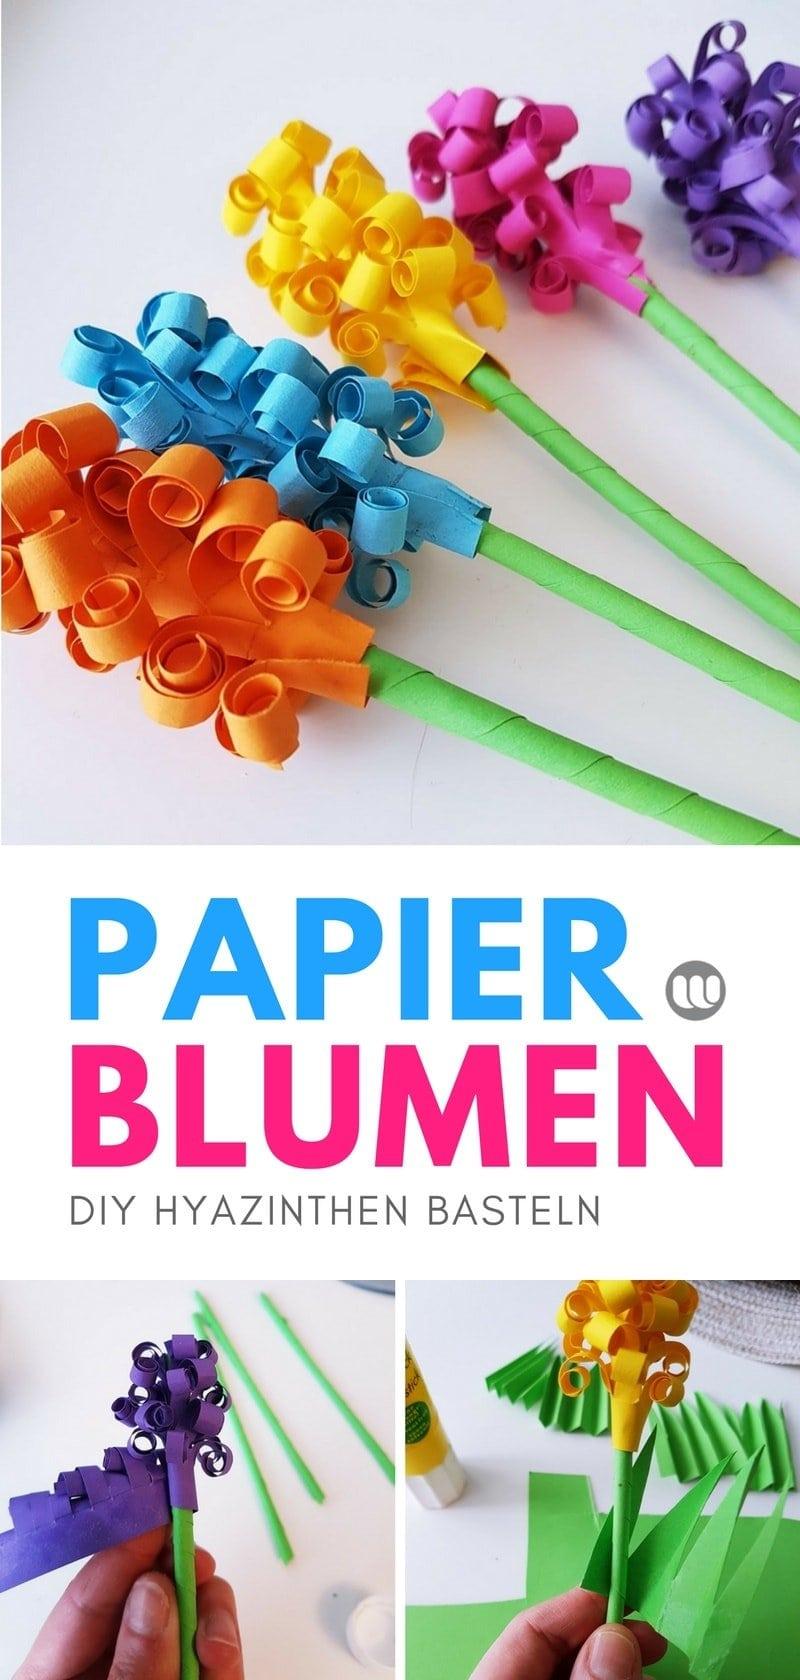 Papierblumen basteln - Hyazinthen Blumen aus Papier basteln: DIY Papierblumen für den Frühling selber machen